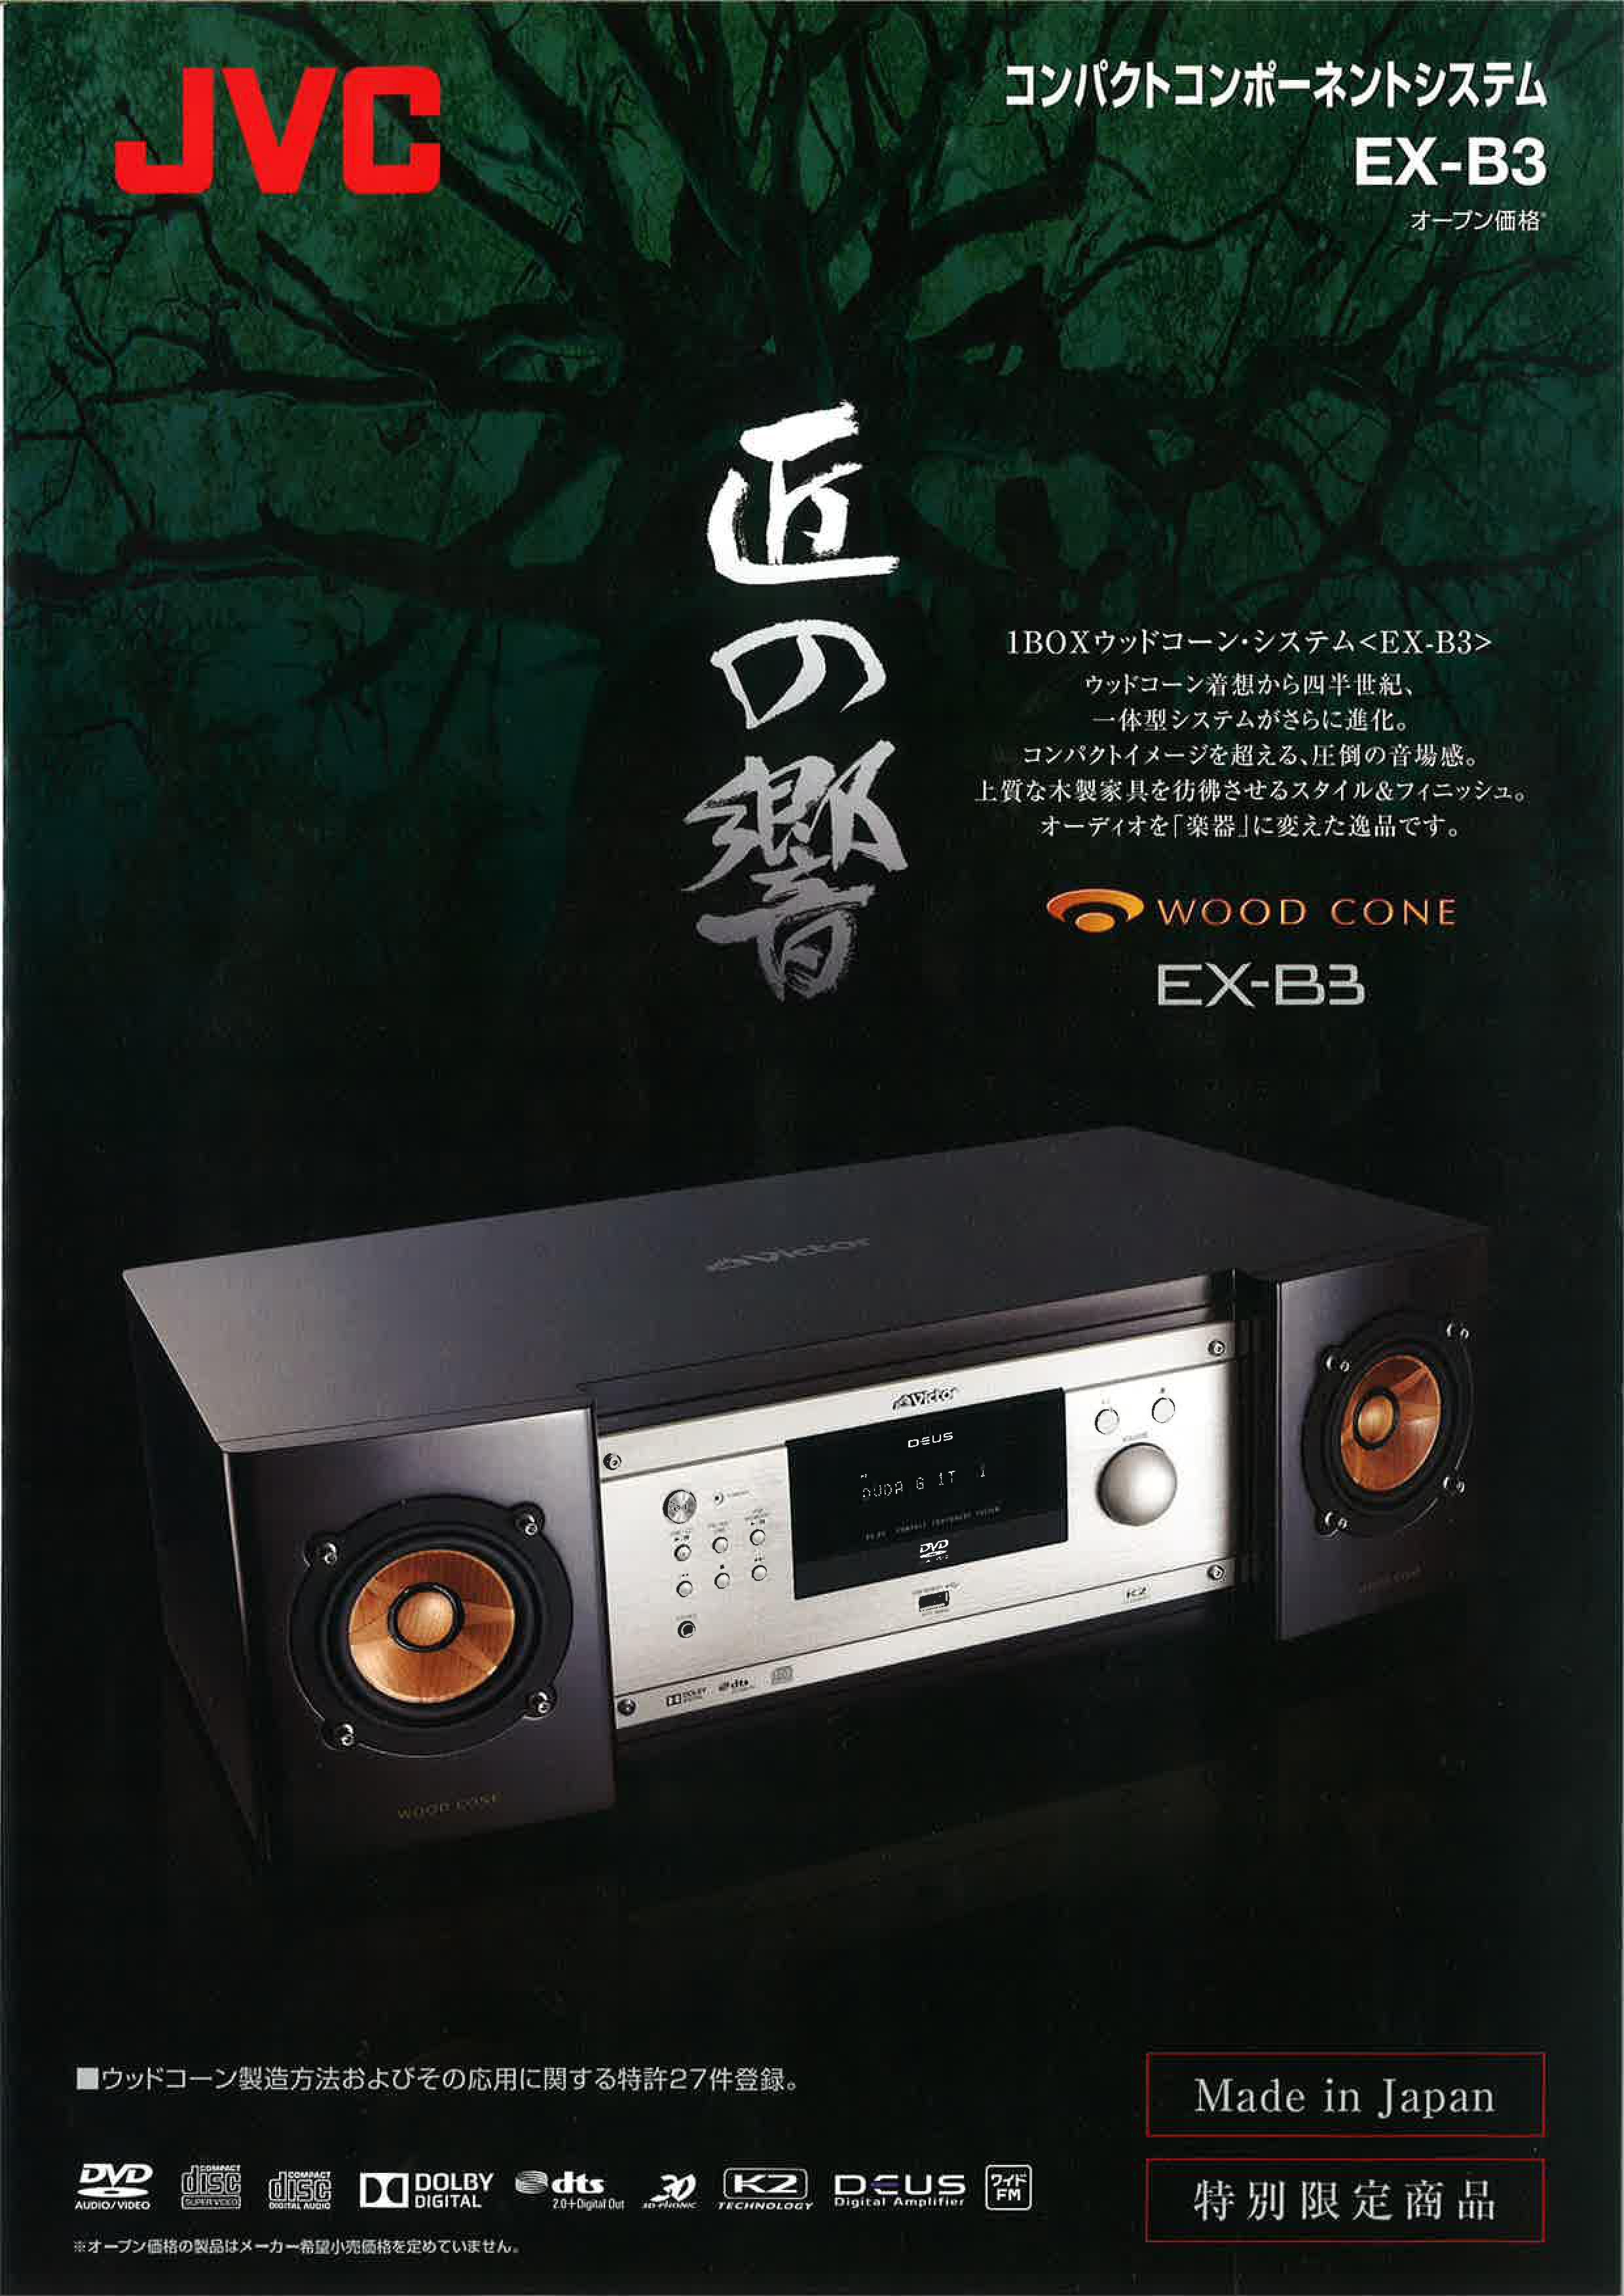 ~オーディオ実演販売のお知らせ~